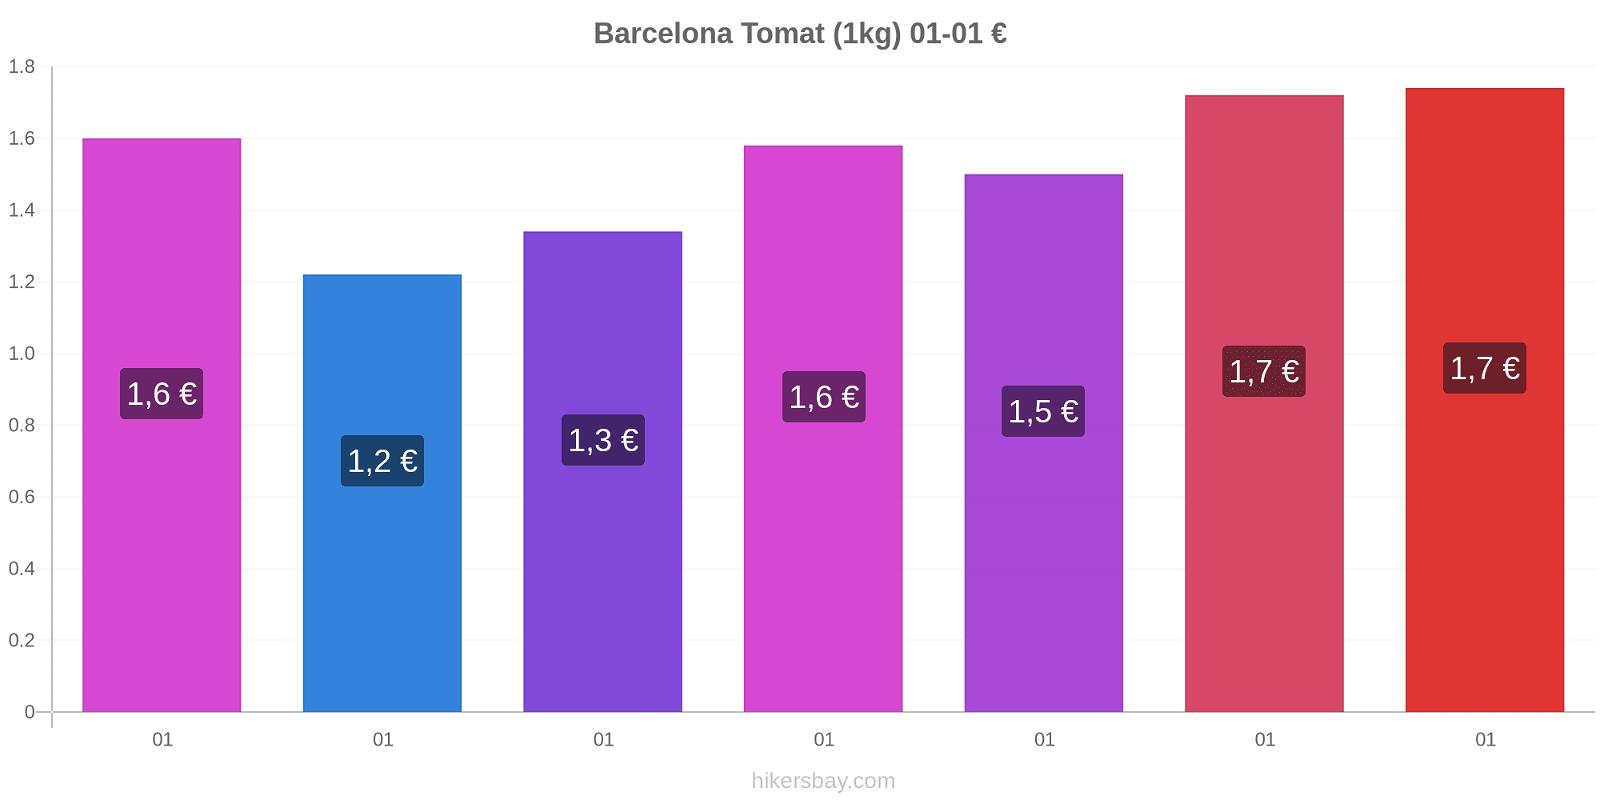 Barcelona prisförändringar Tomat (1kg) hikersbay.com